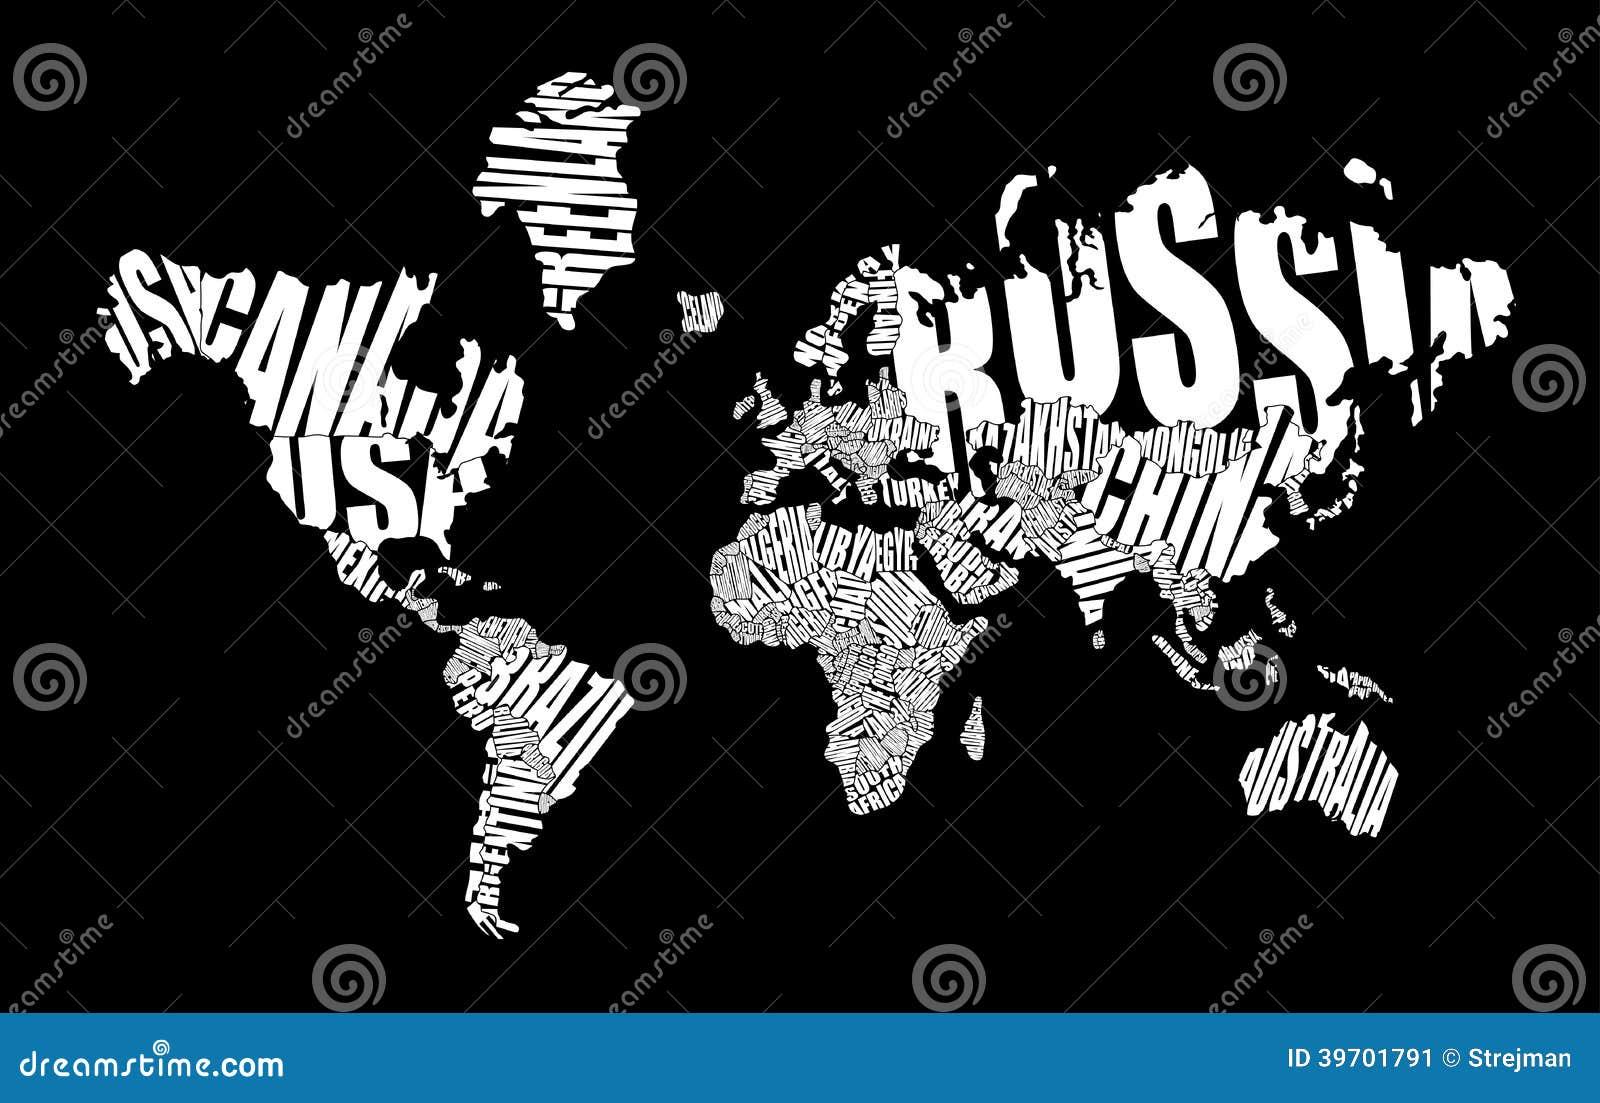 Mapa del mundo del texto